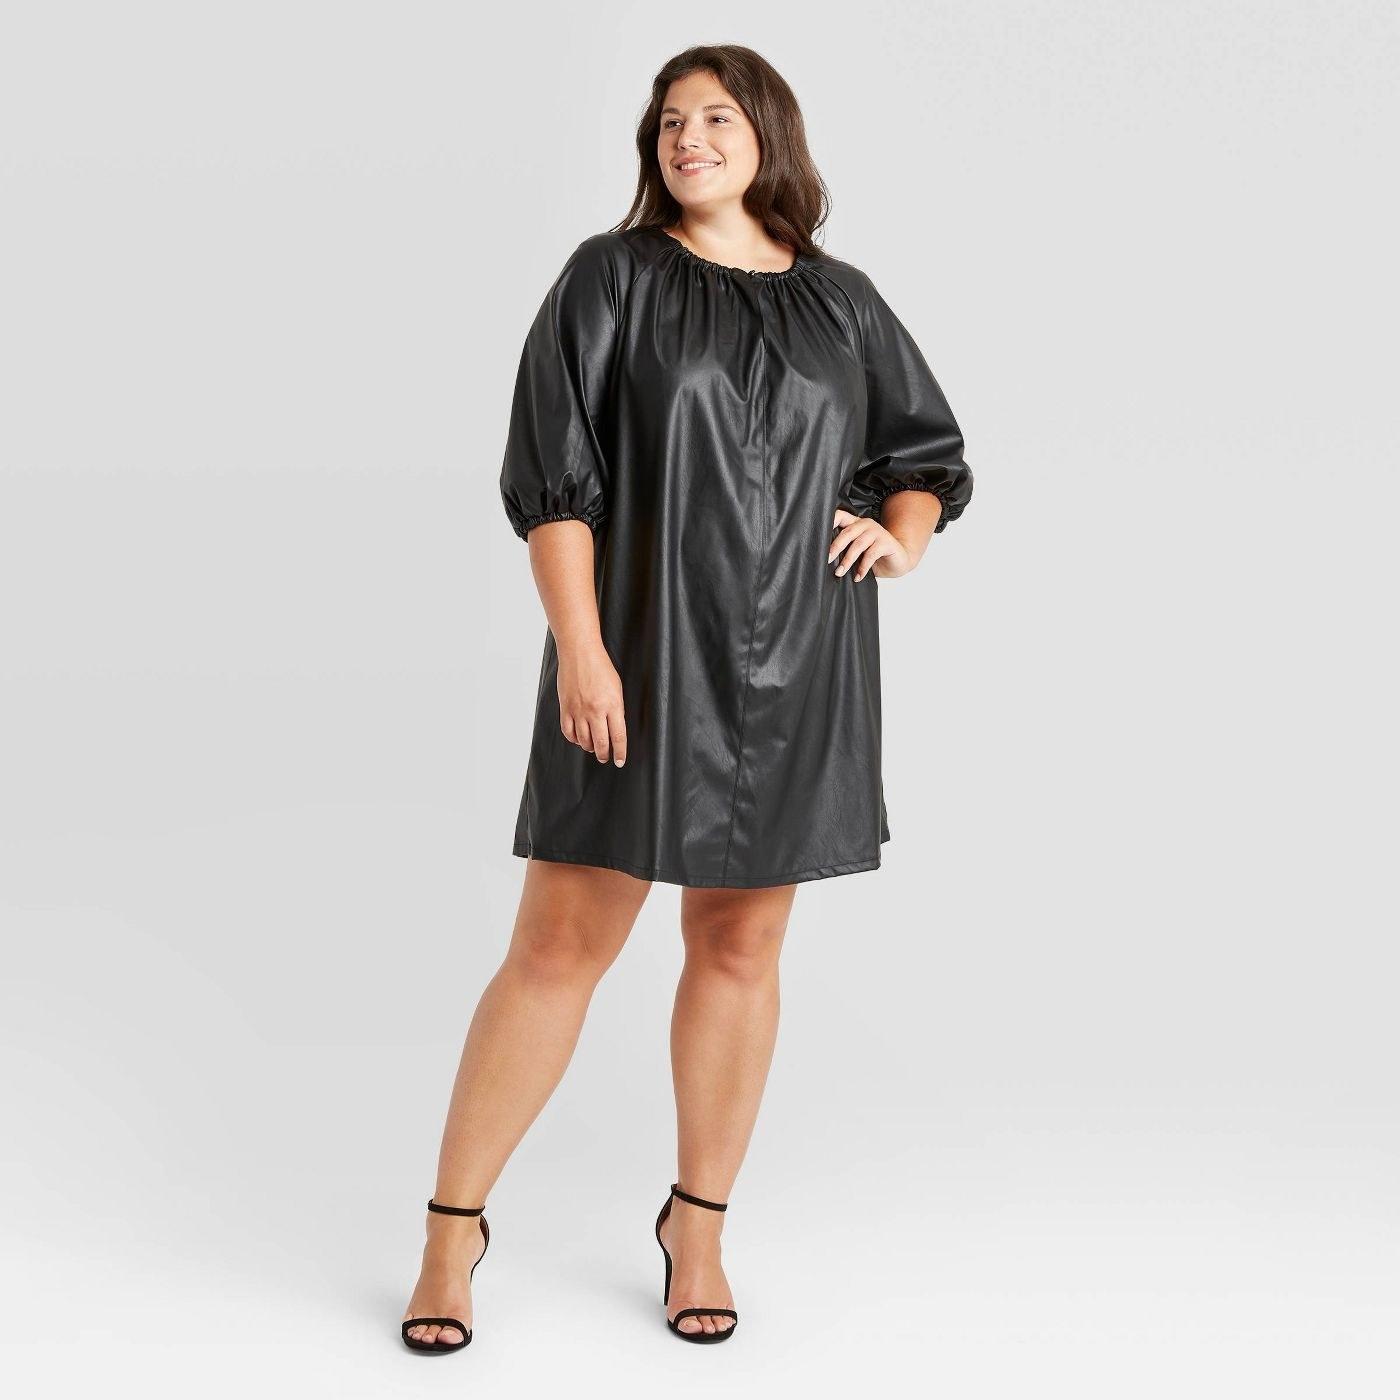 Model wearing the black dress